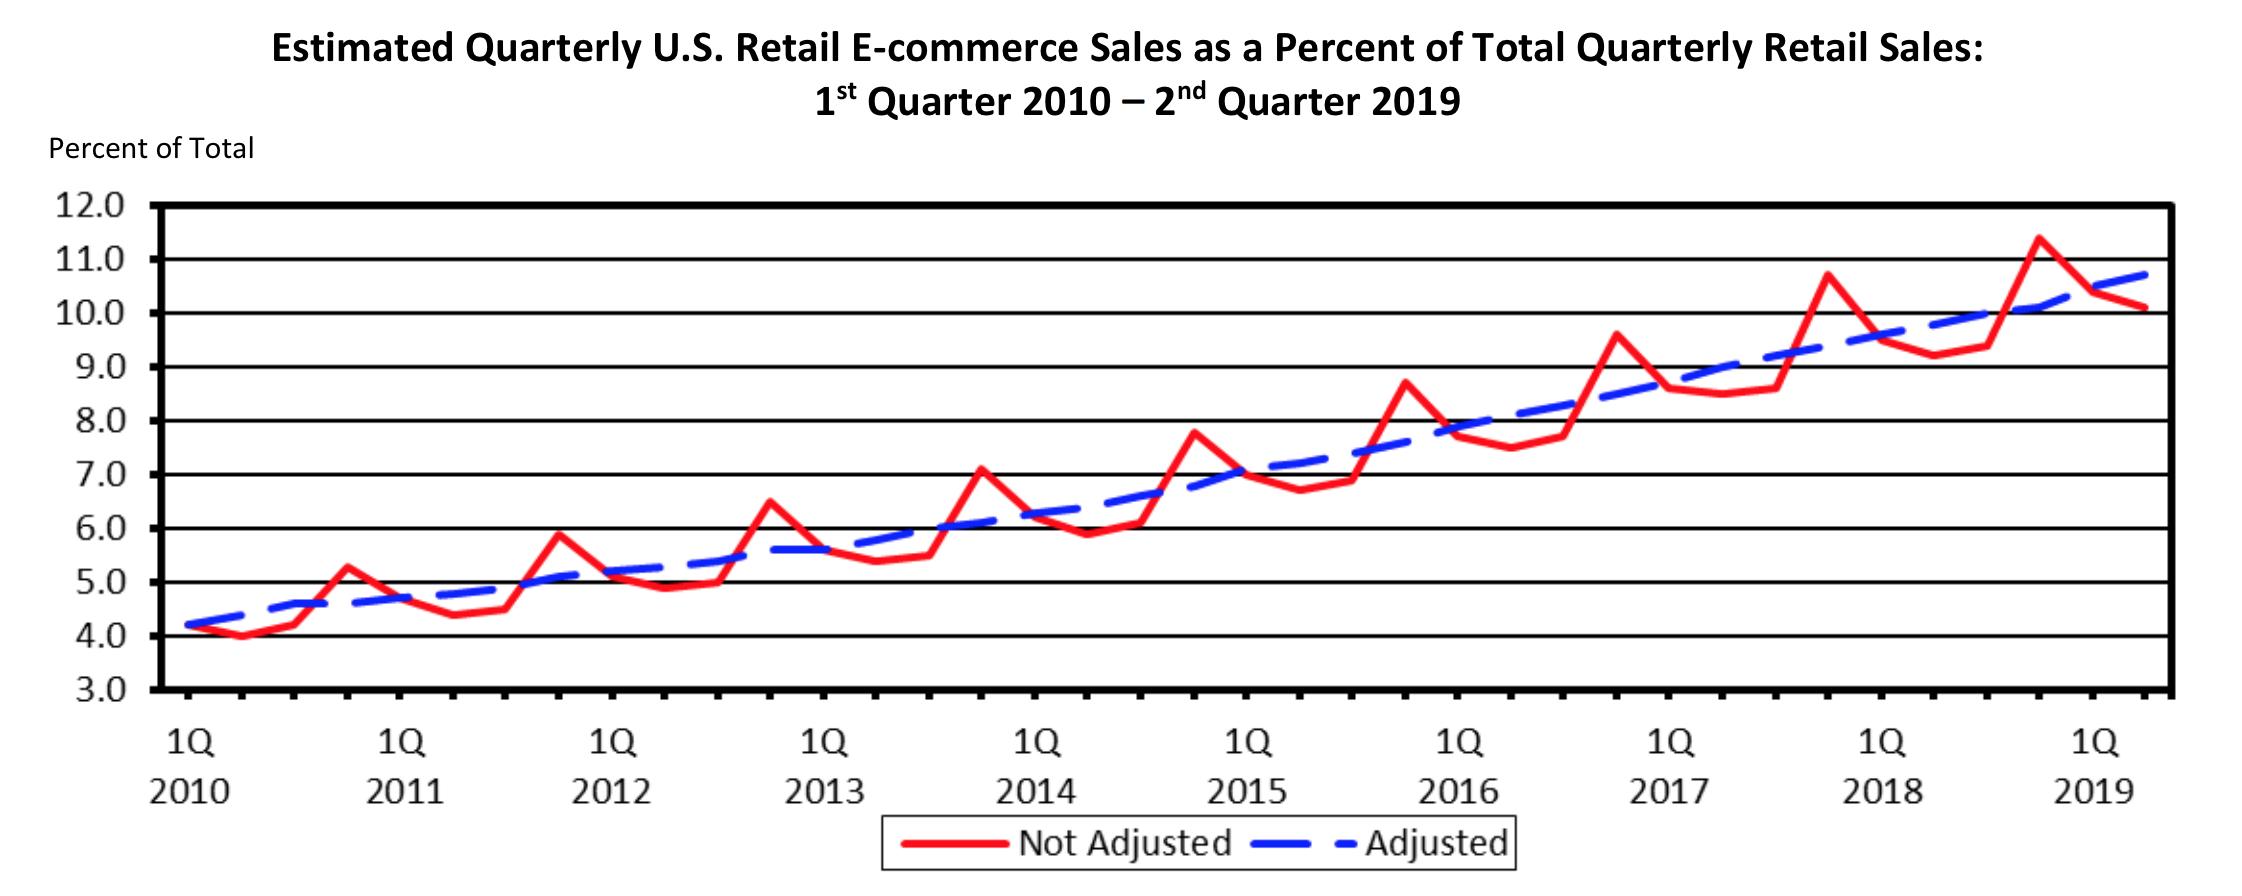 Estimation des ventes au détail trimestrielles aux États-Unis en pourcentage du total des ventes au détail trimestrielles, du premier trimestre de 2010 au deuxième trimestre de 2019